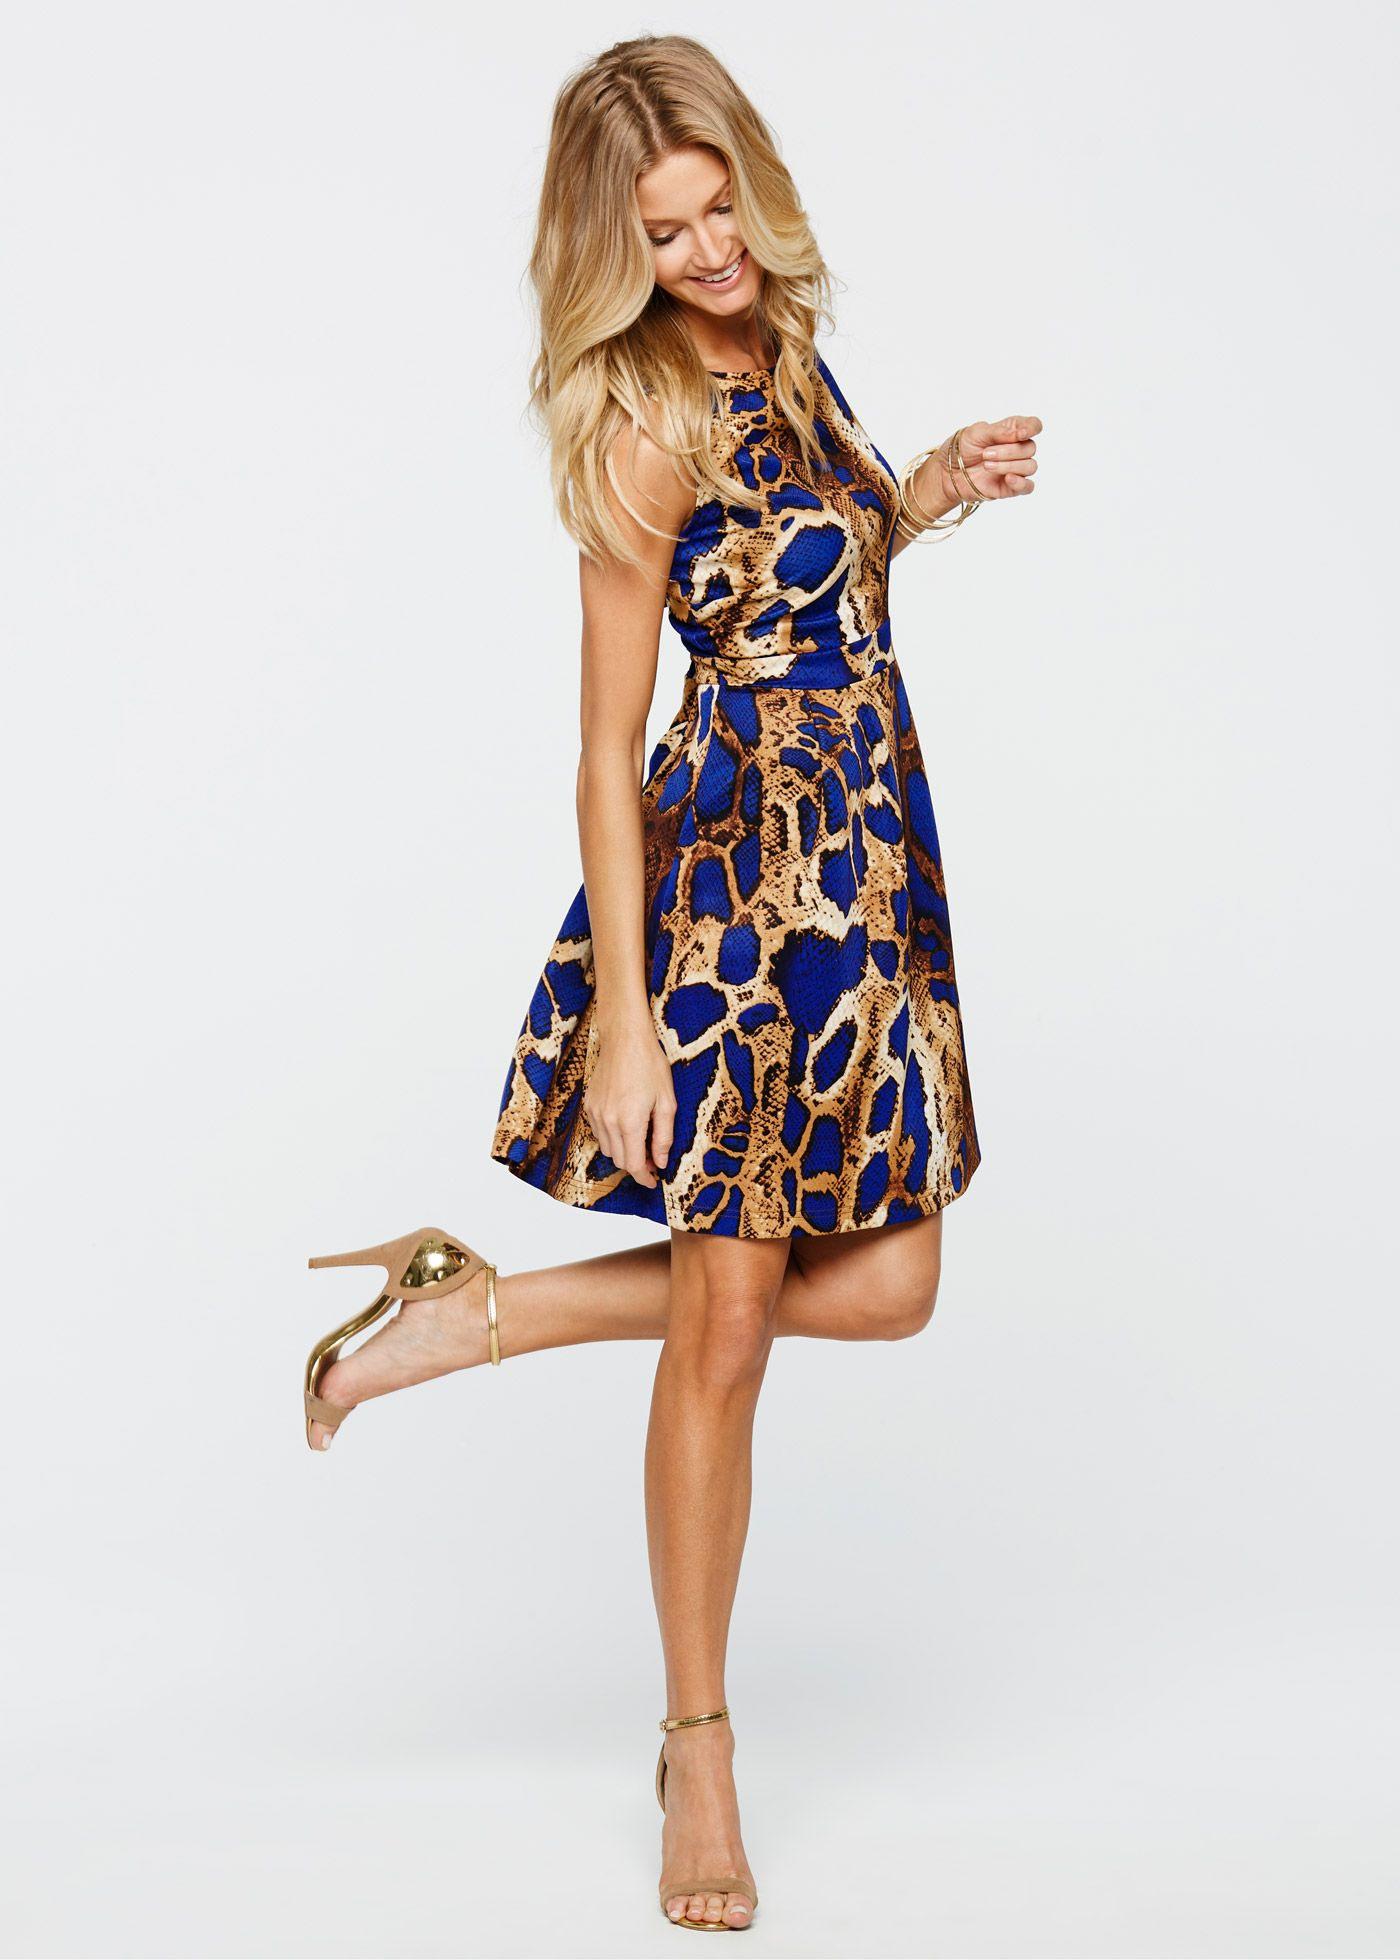 Bonprix Kleid Blau  Stylische Kleider Für Jeden Tag